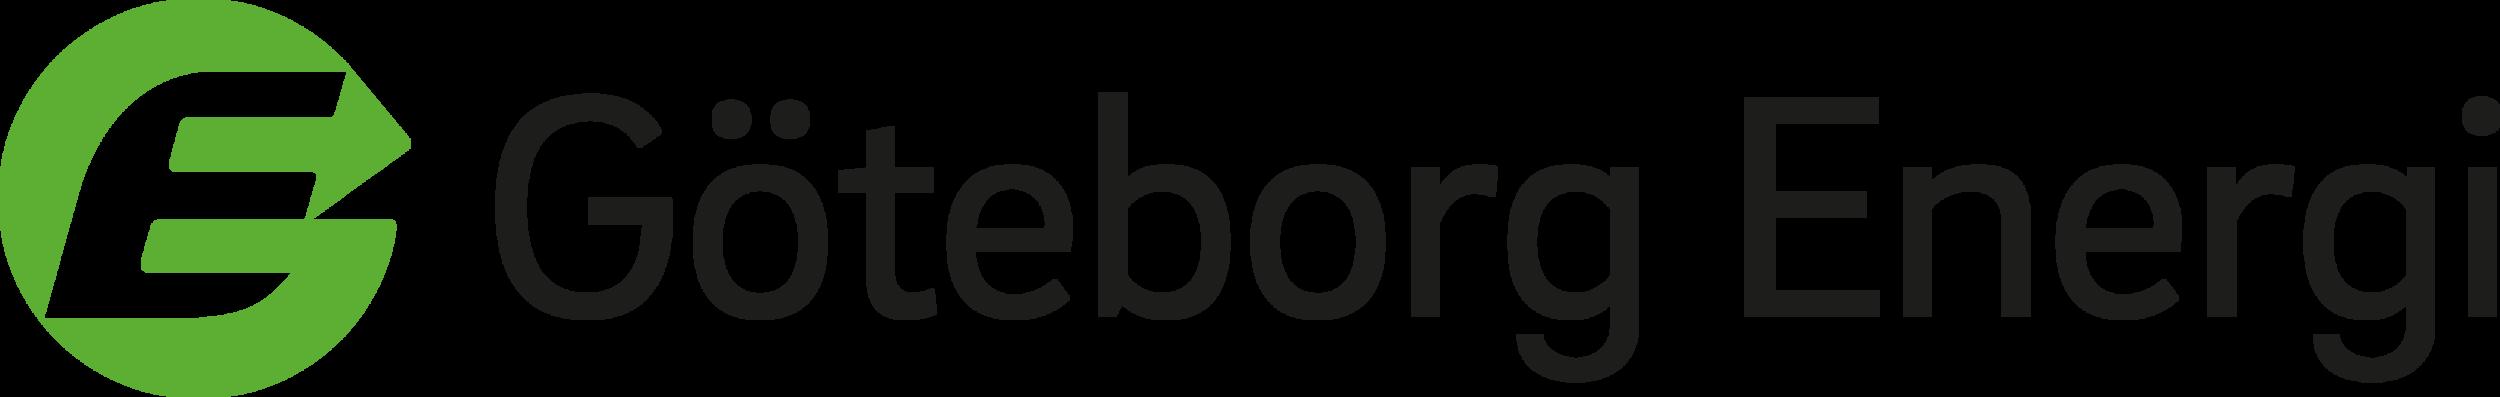 GE_Logo_CMYK.png